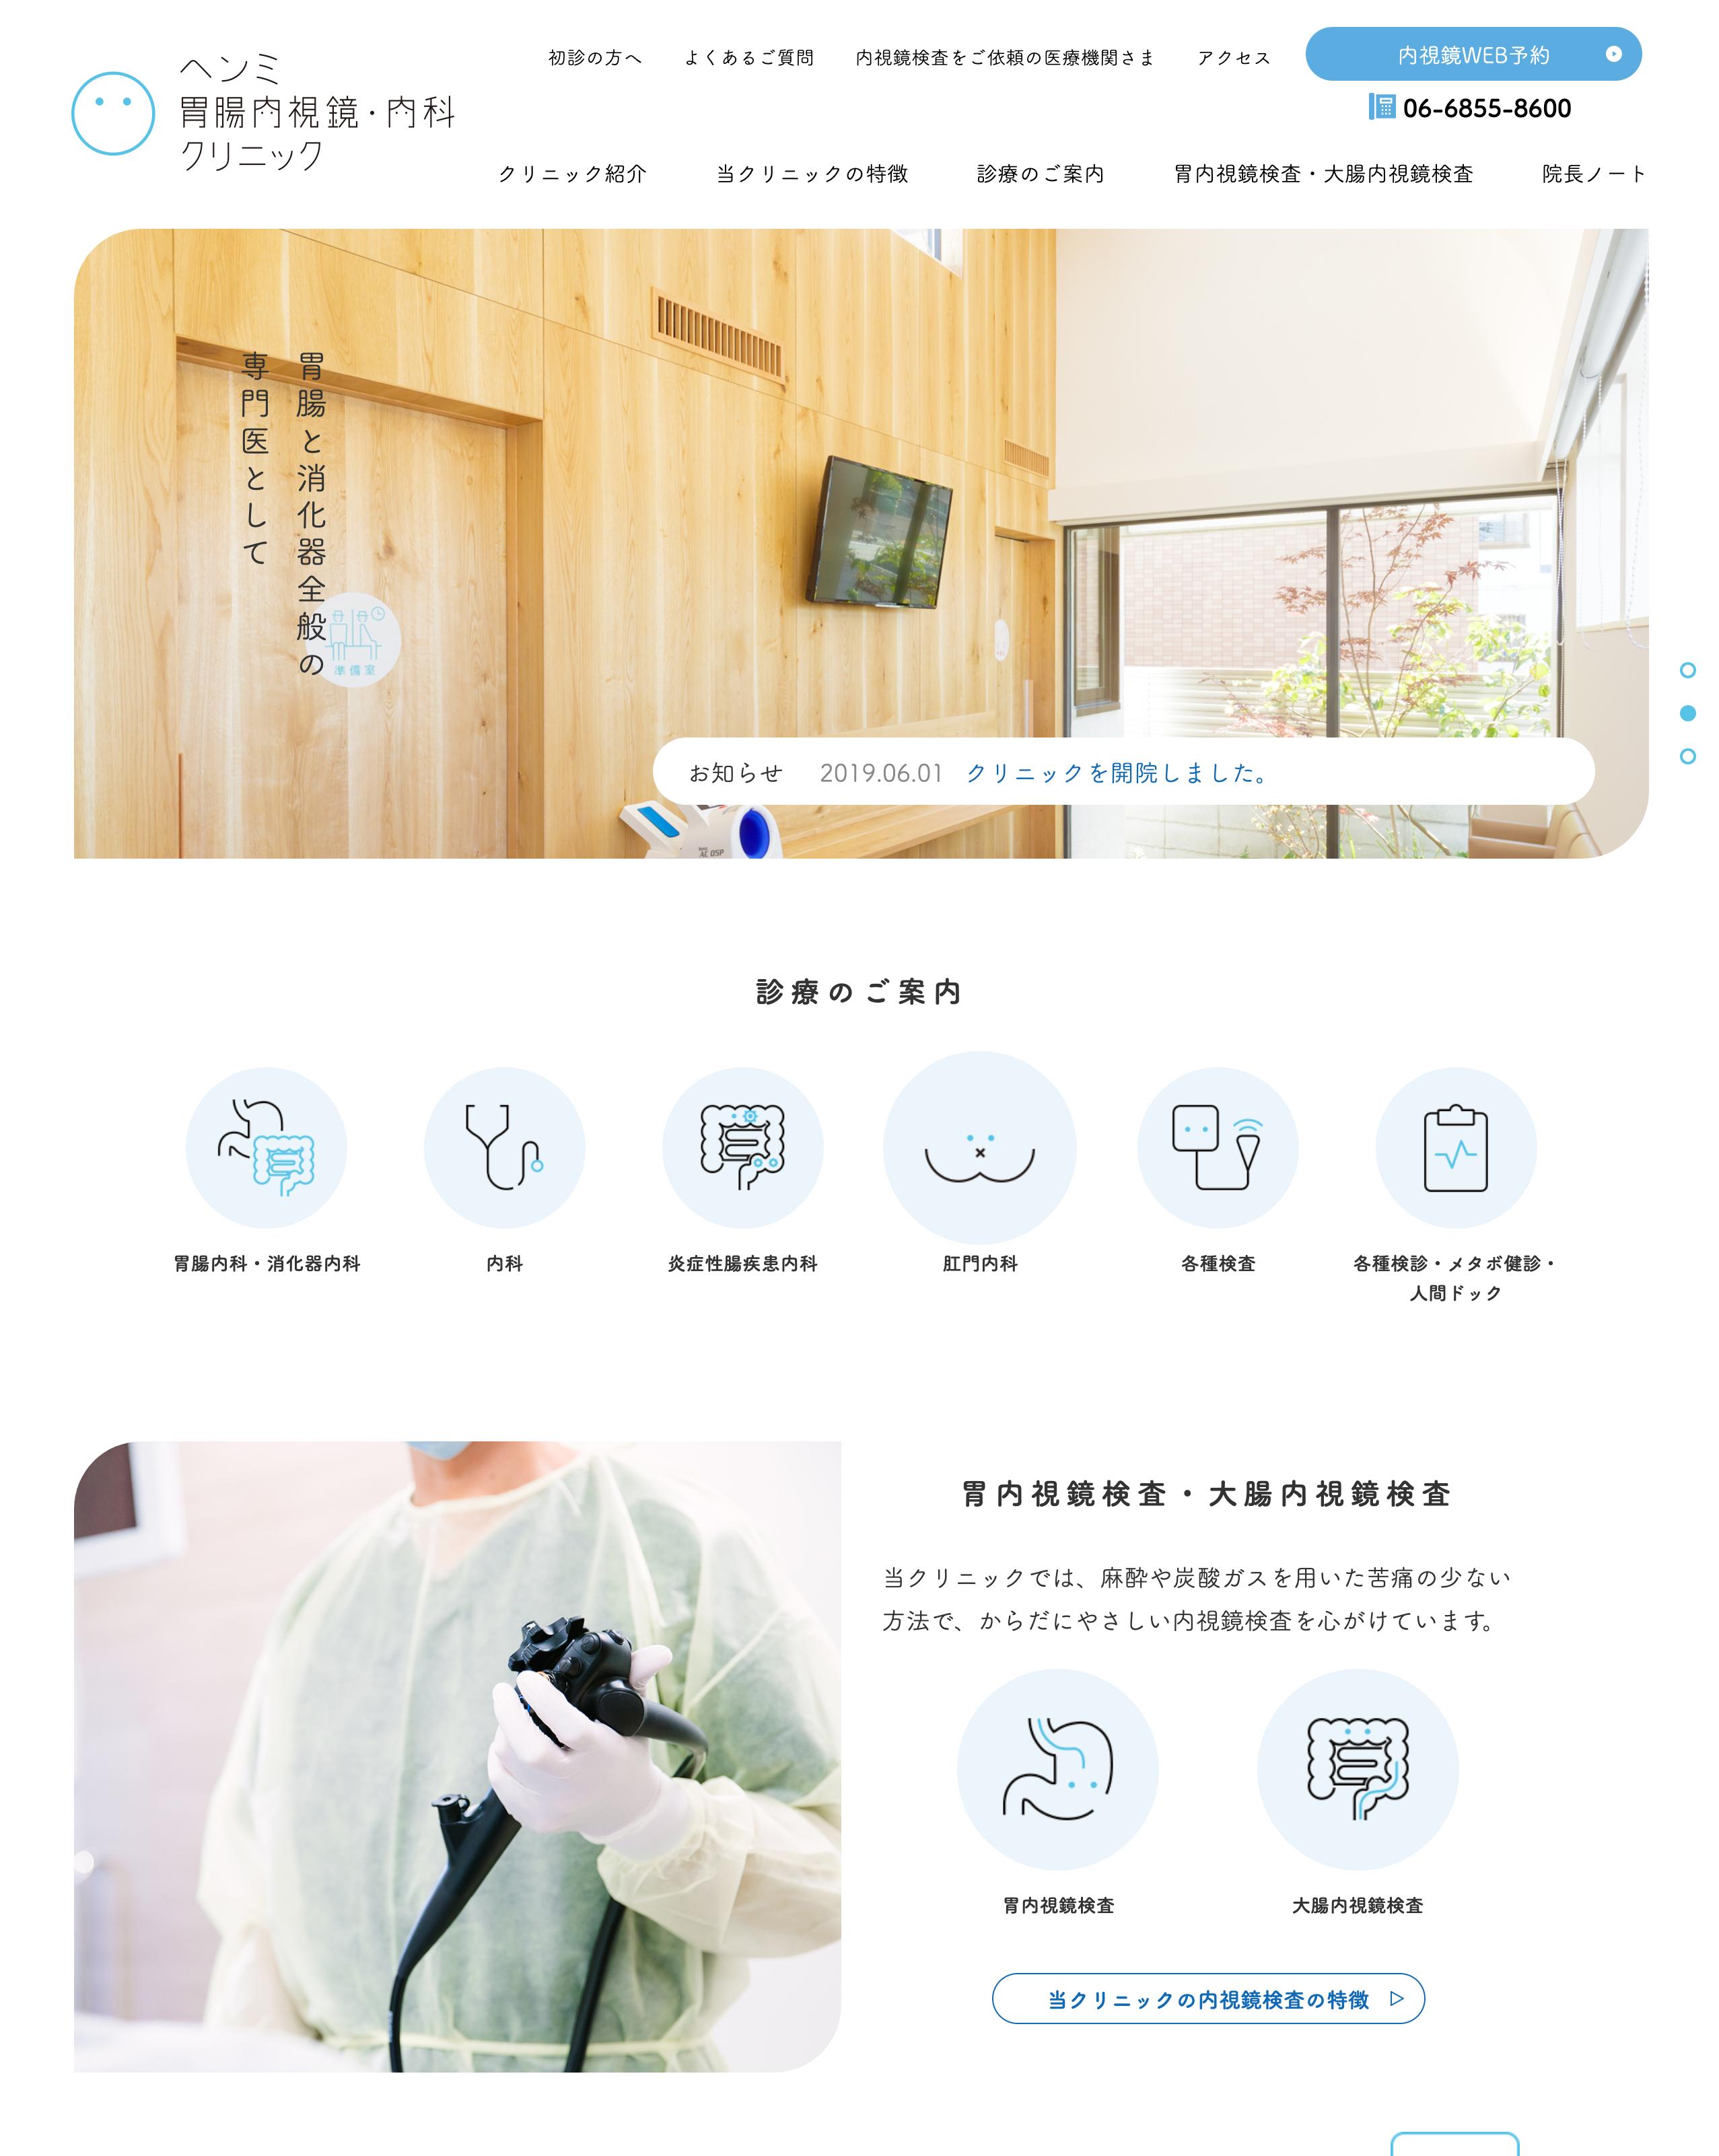 ヘンミ胃腸内視鏡 内科クリニック Lp デザイン ウェブデザイン ウェブデザインのレイアウト